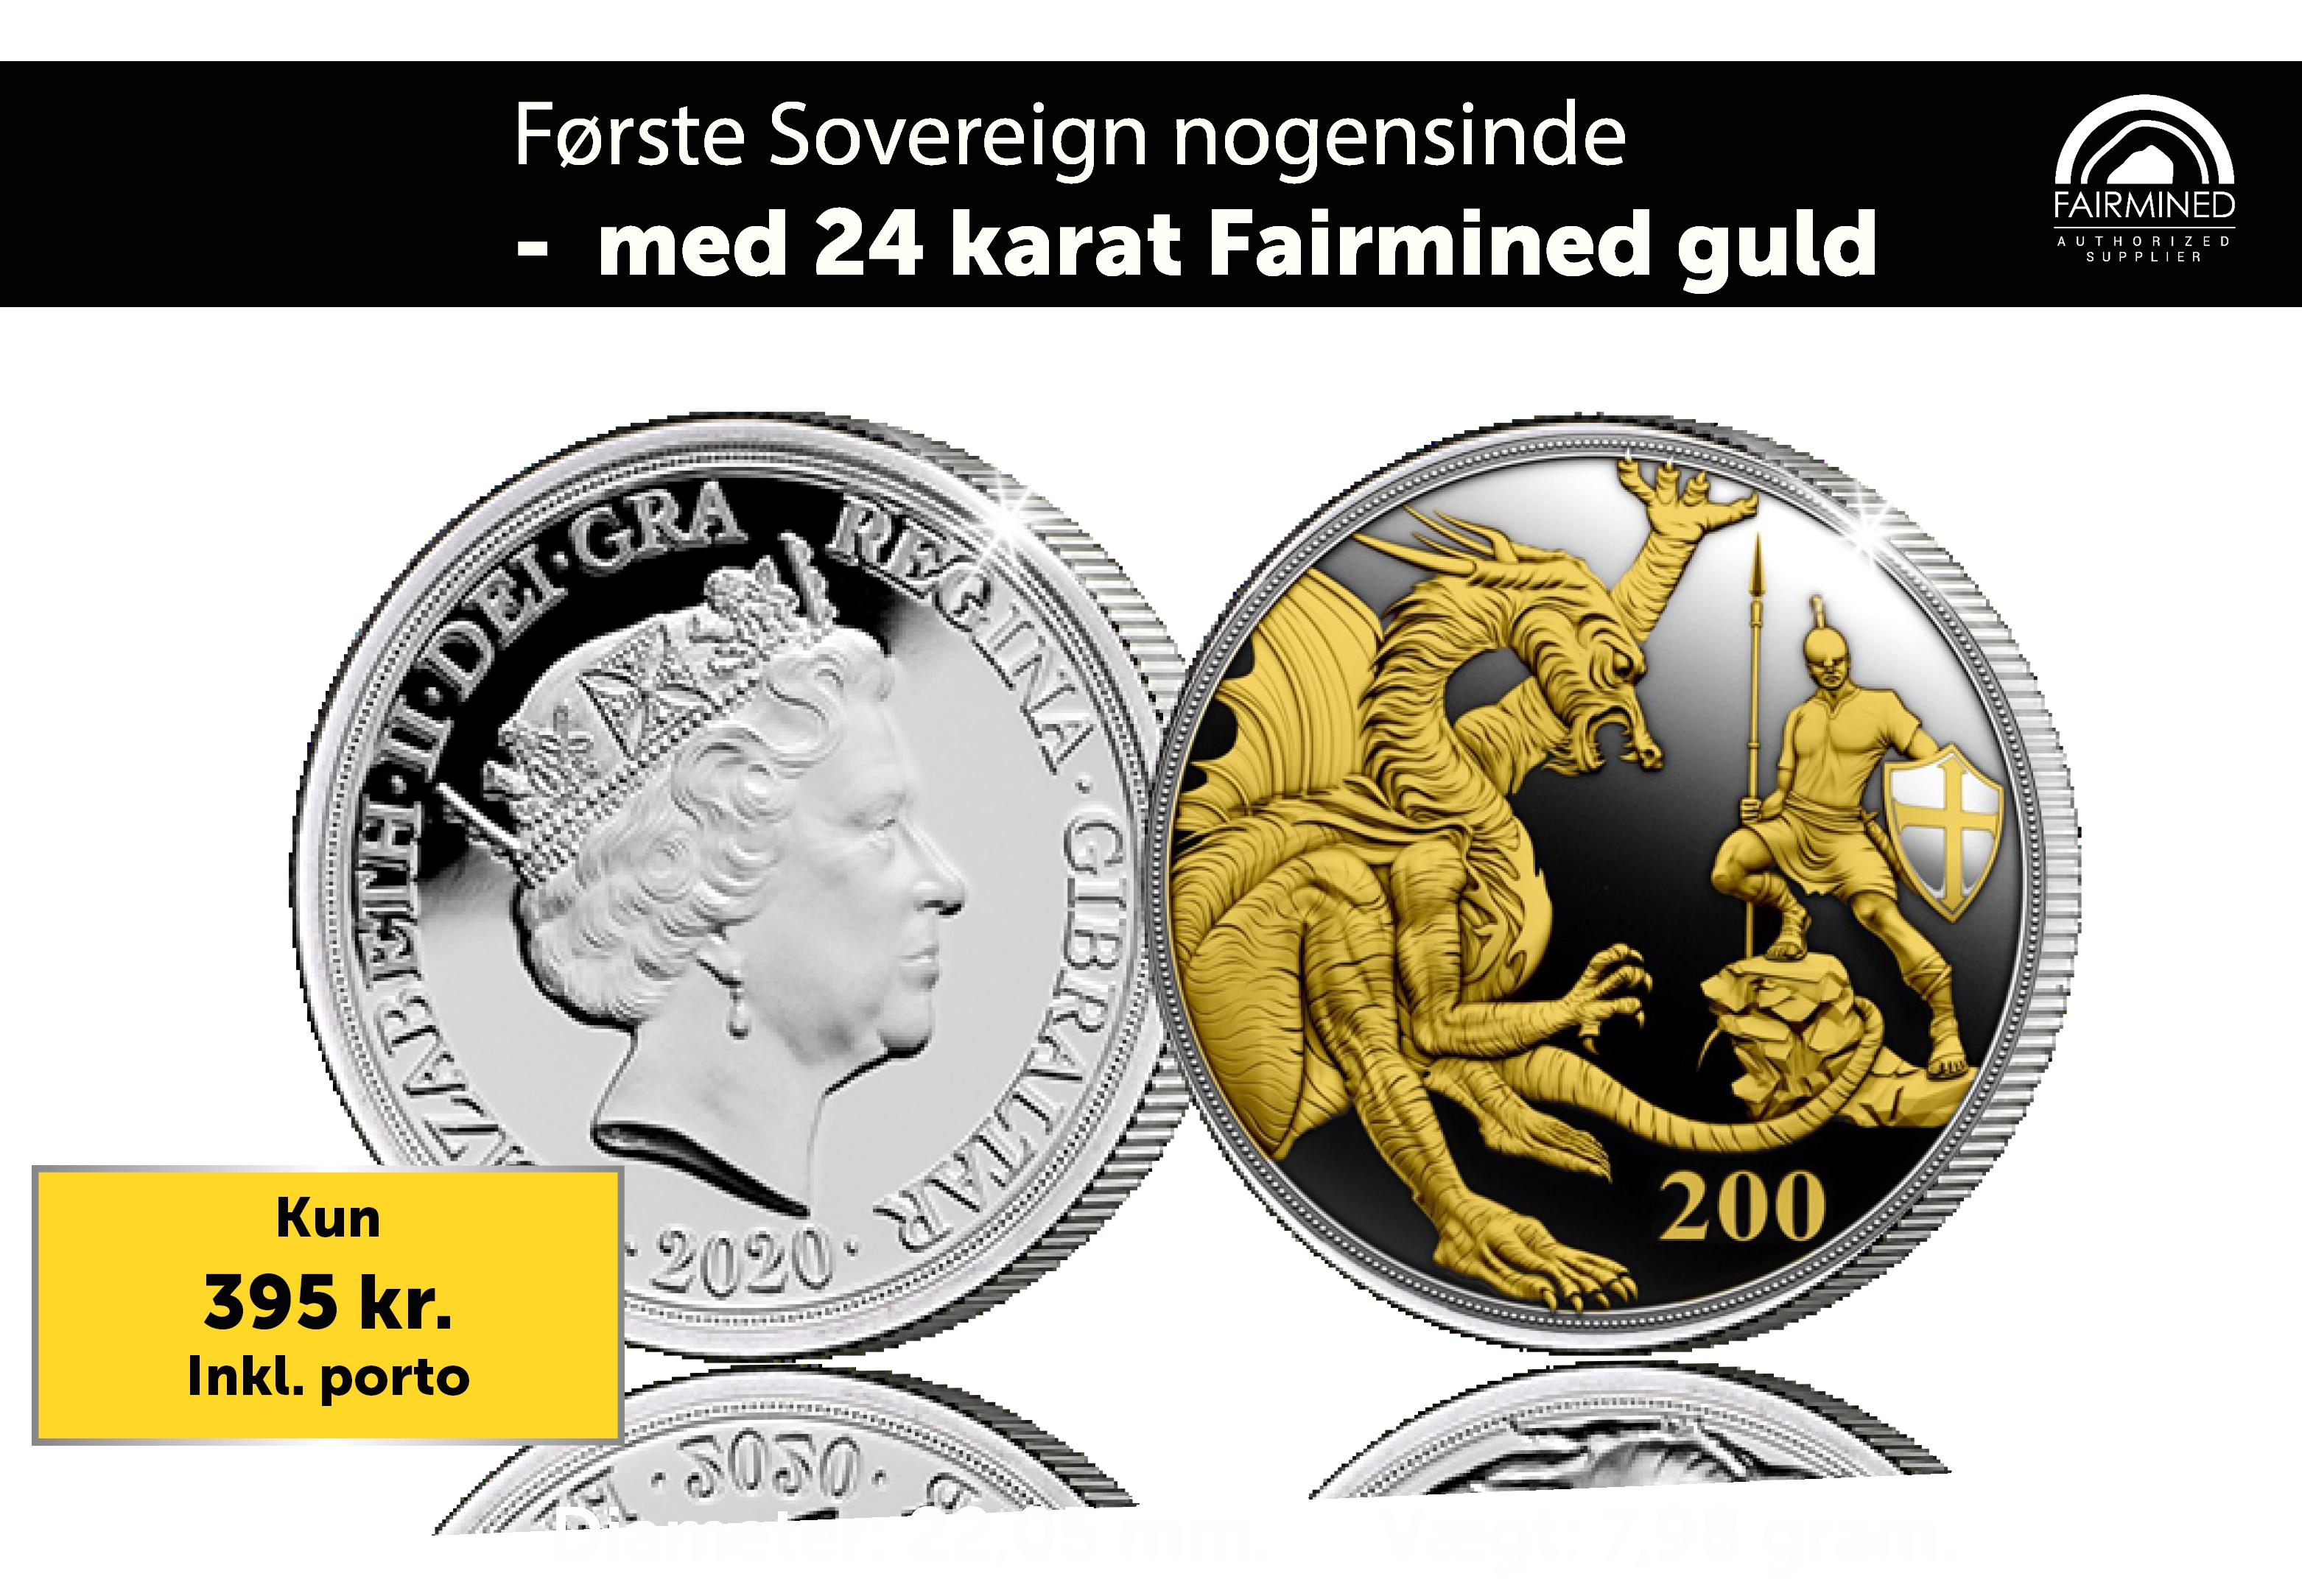 Den første Sovereign nogensinde, som er belagt med 24 karat Fairmined Guld.